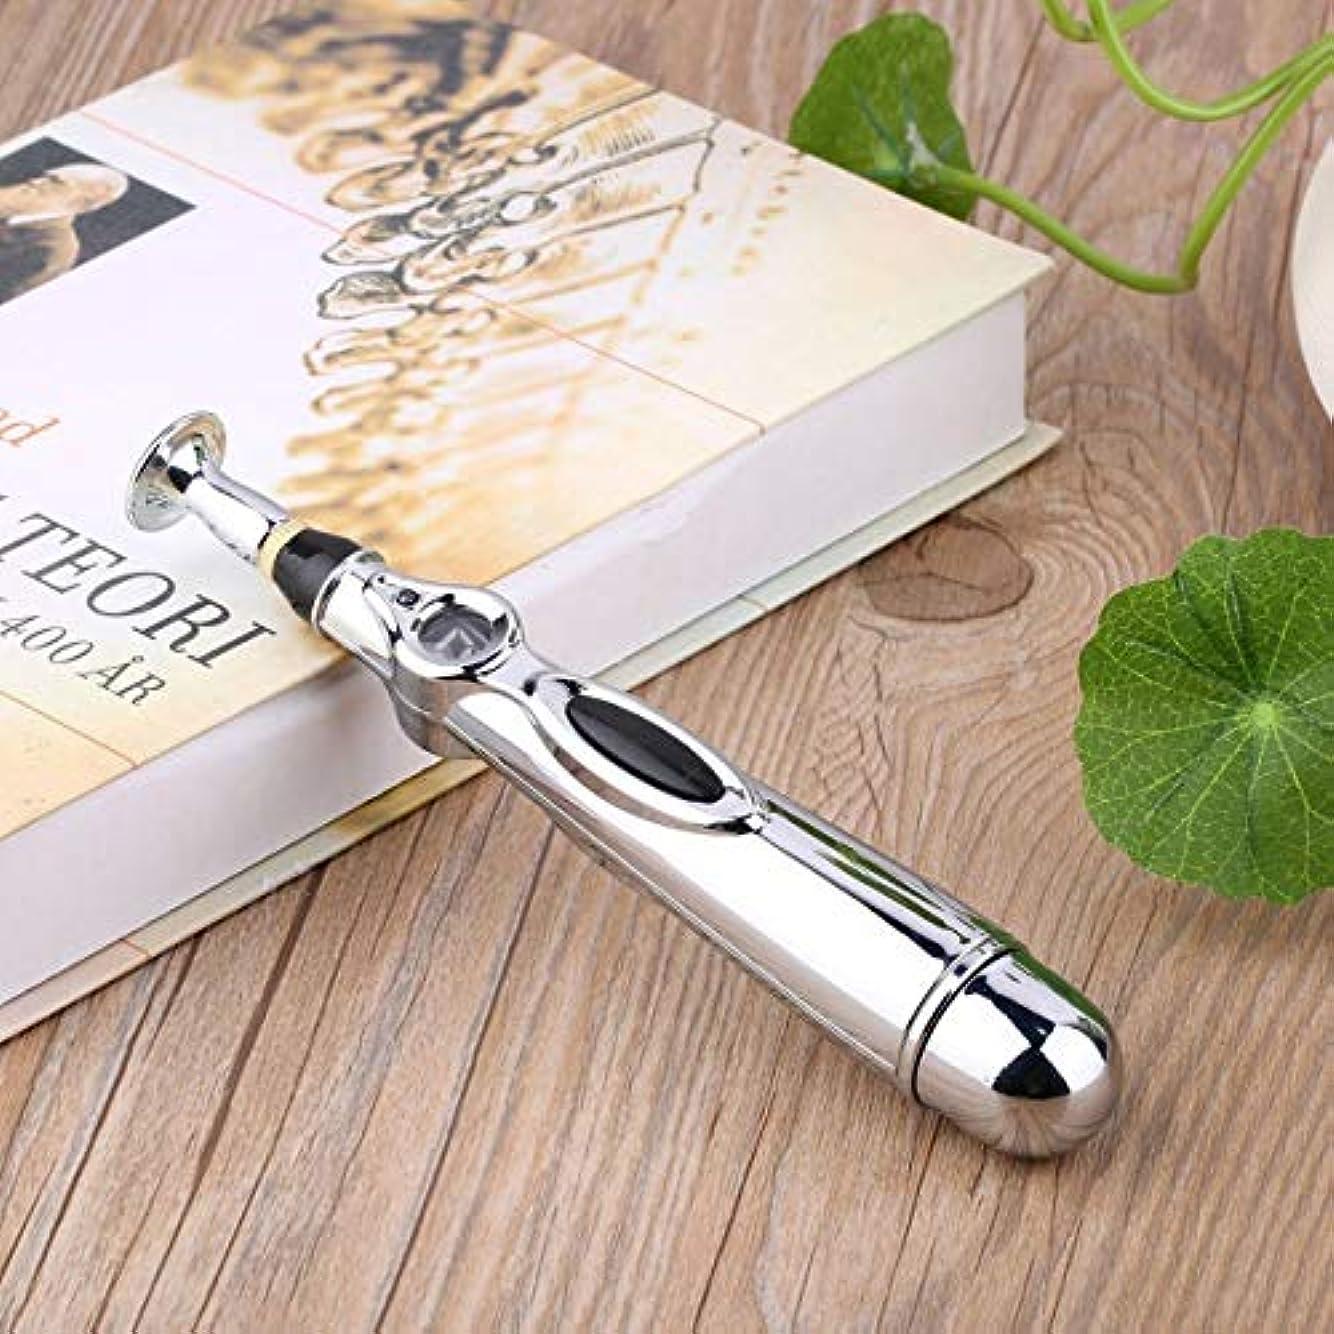 ヤギ六分儀機転電気鍼マッサージペンの健康子午線の痛みを軽減する治療電子子午線エネルギーペンのマッサージボディヘッドネック脚